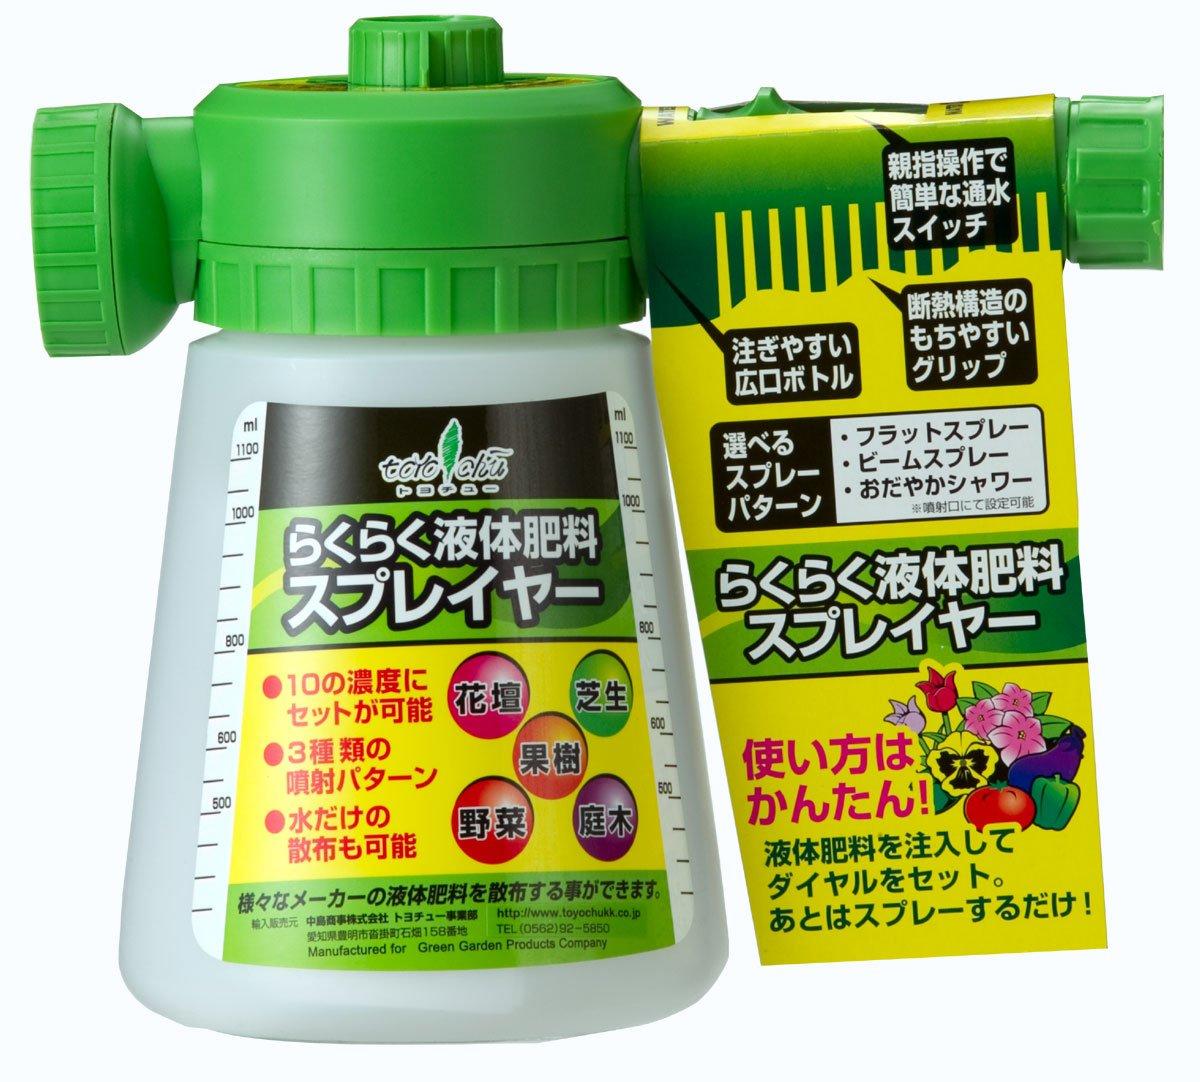 中島商事 トヨチュー らくらく液体肥料スプレイヤー 1KG B0098YMA4S